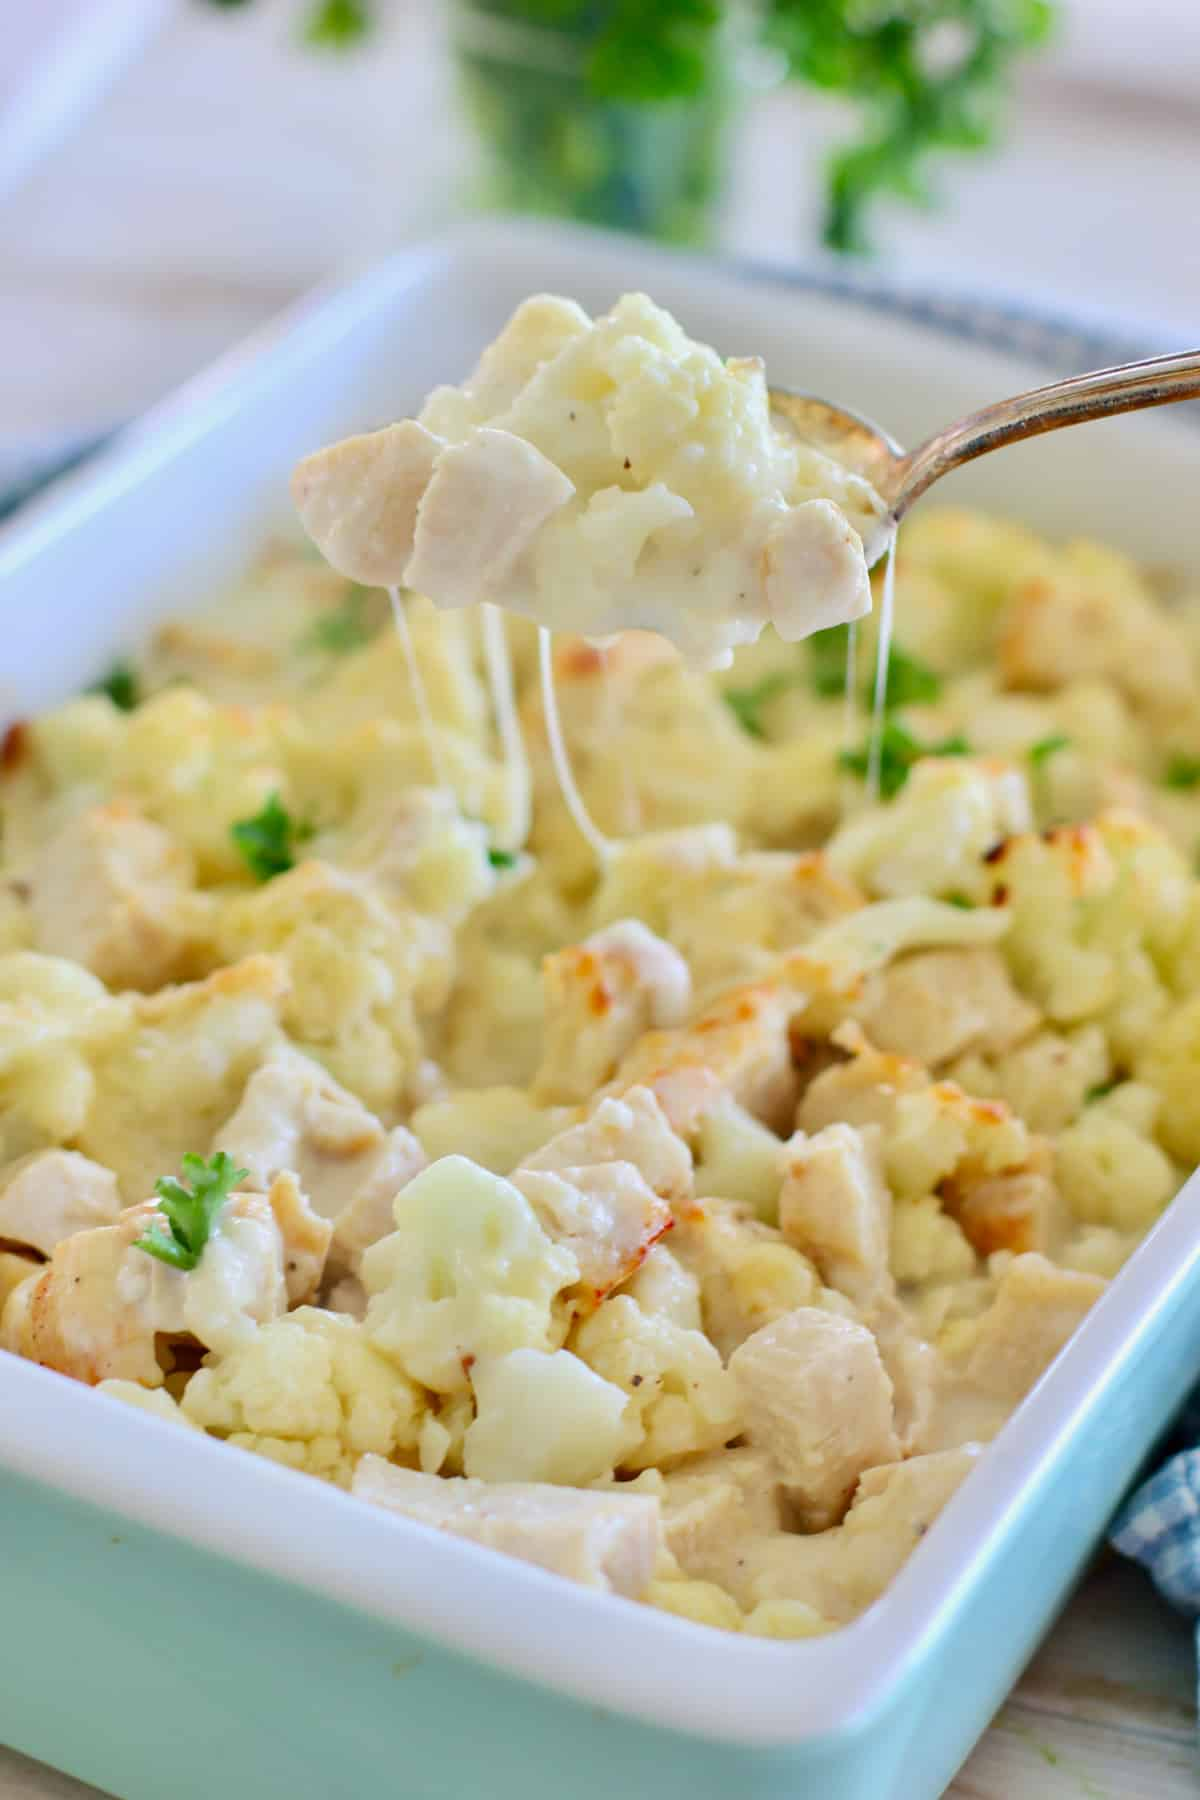 cauliflower casserole in a white baking dish